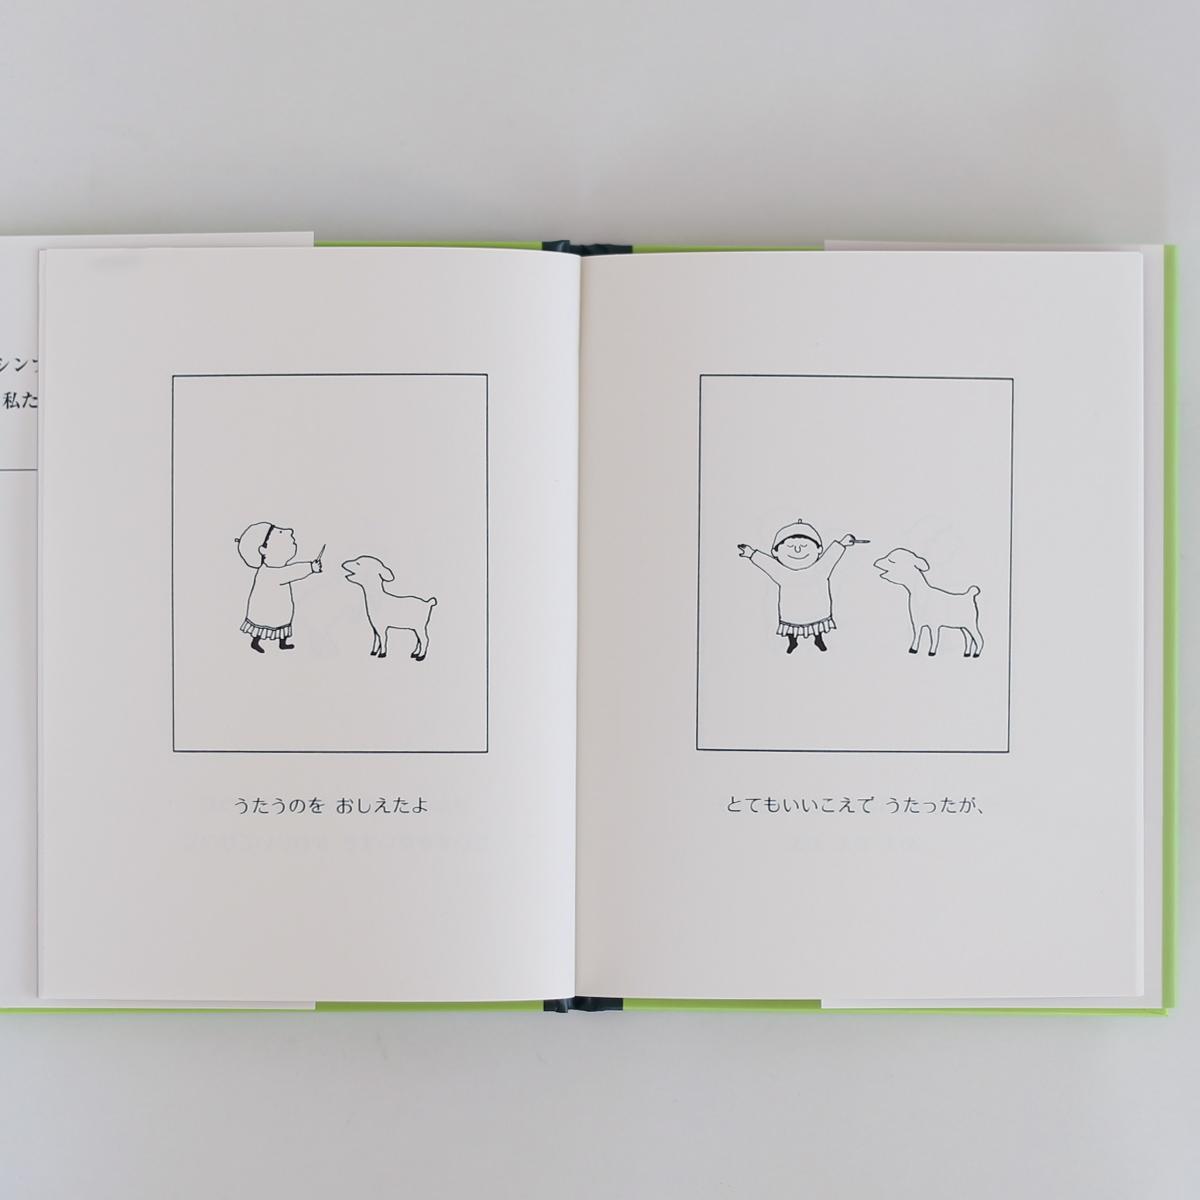 絵本「ブルッキーのひつじ」M.B. ゴフスタイン、谷川俊太郎